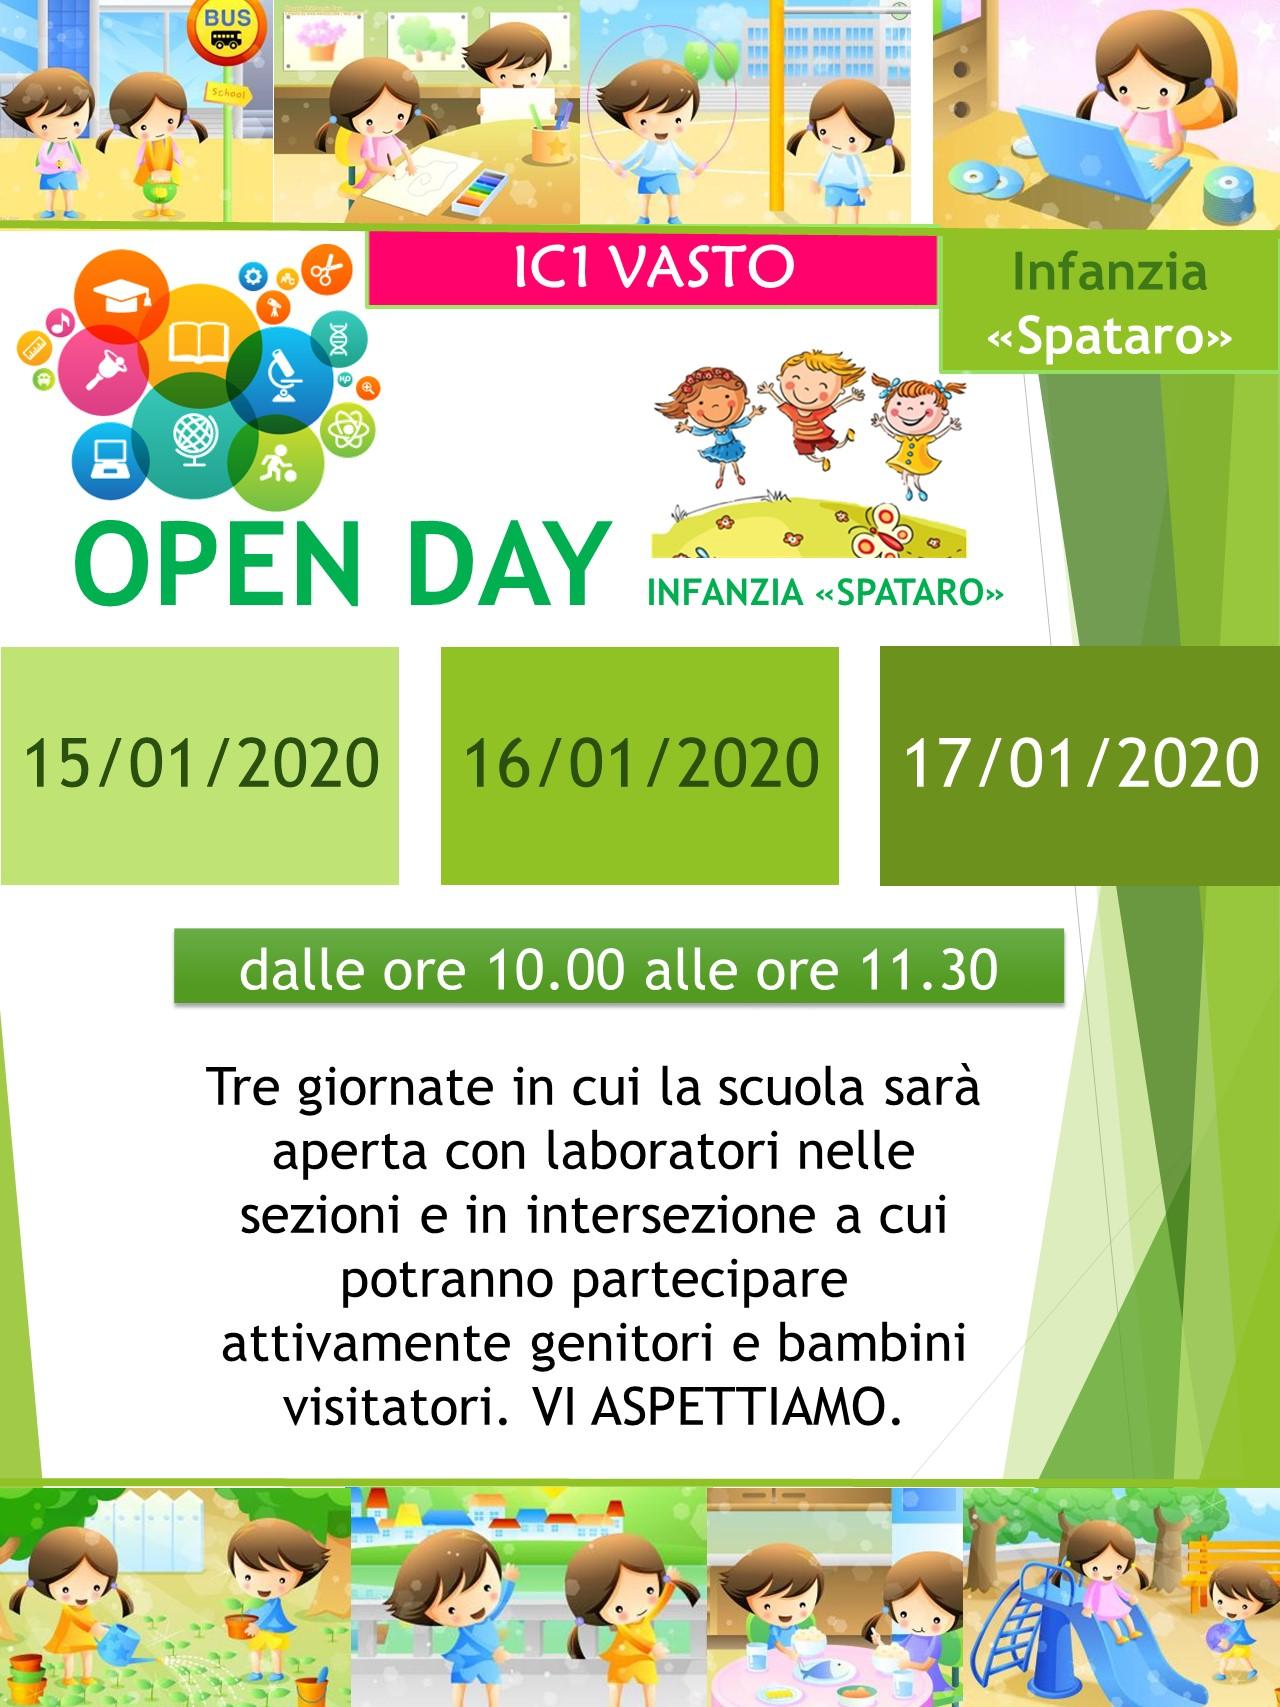 Scuola: è' tempo di iscrizione! Tante iniziative per l'Open Day alla Spataro e Paolucci di Vasto